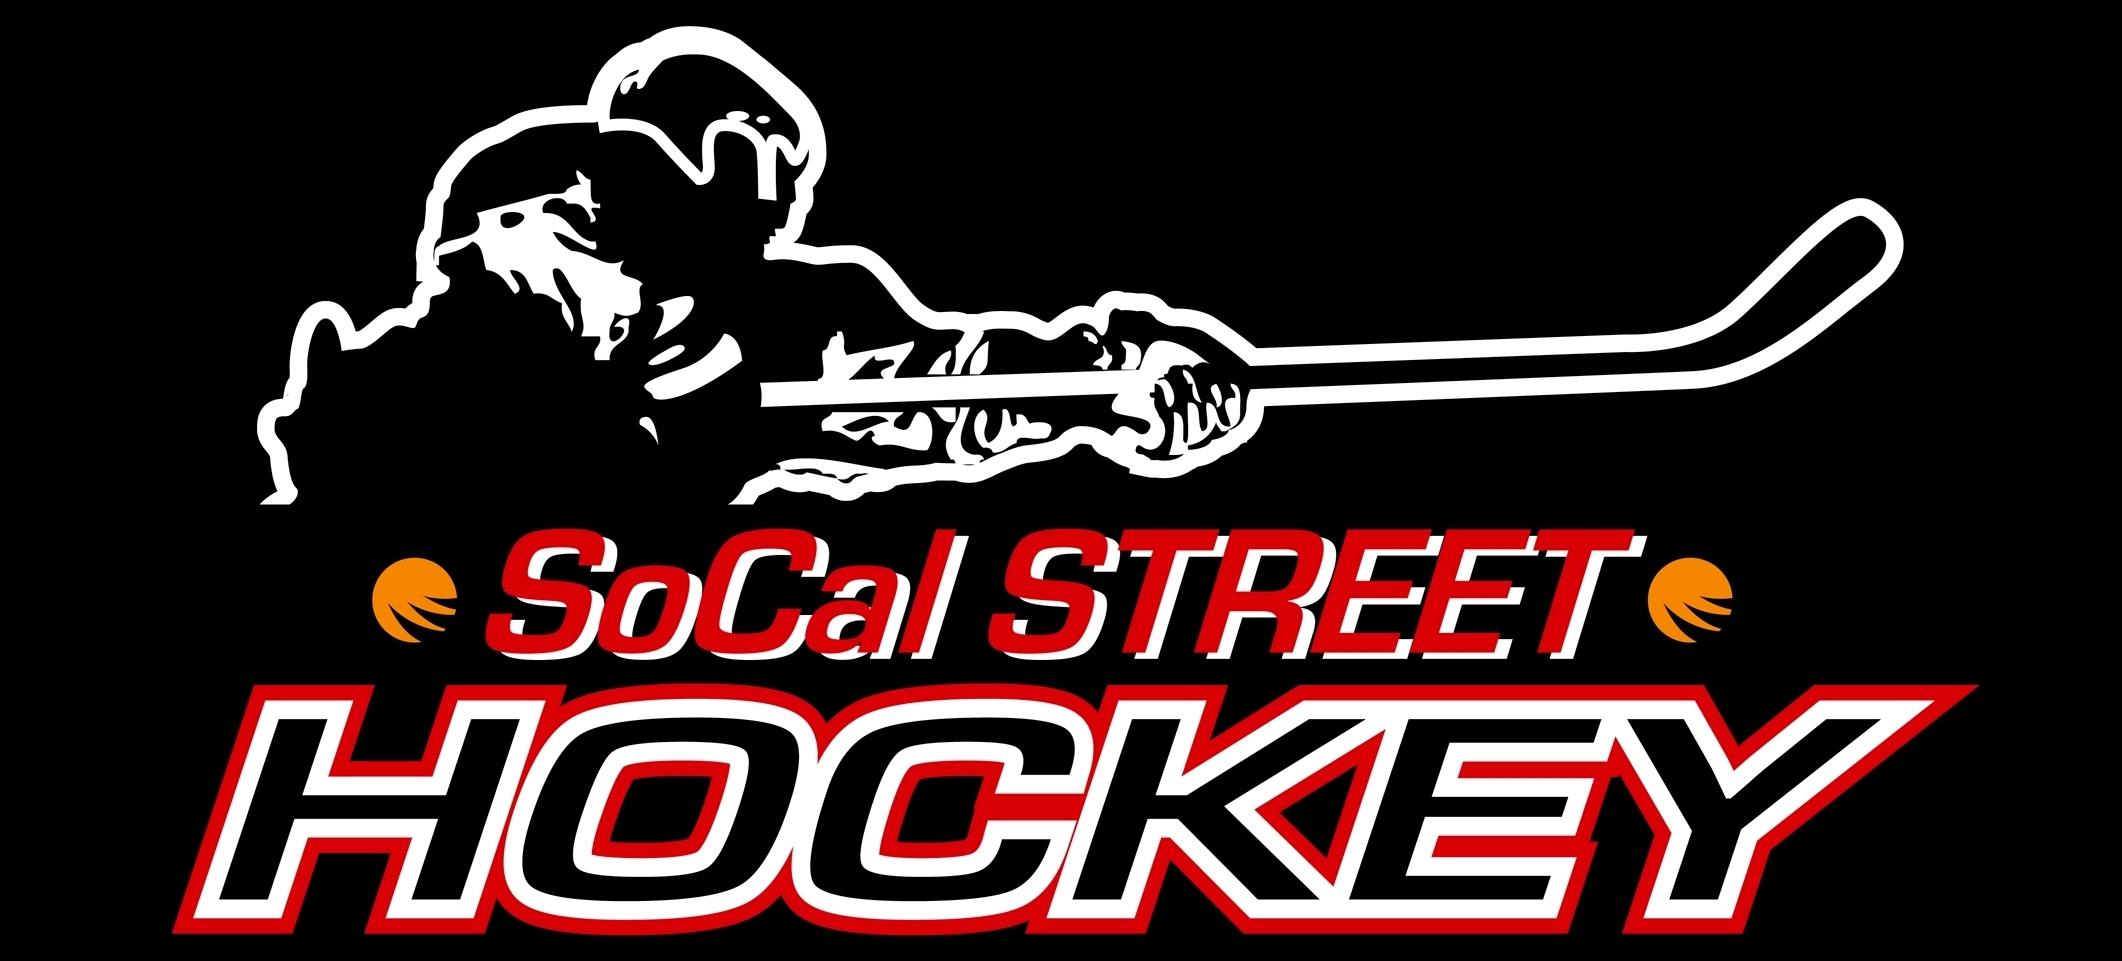 SocalStreetHockey_Logo__7-8-13_.jpg